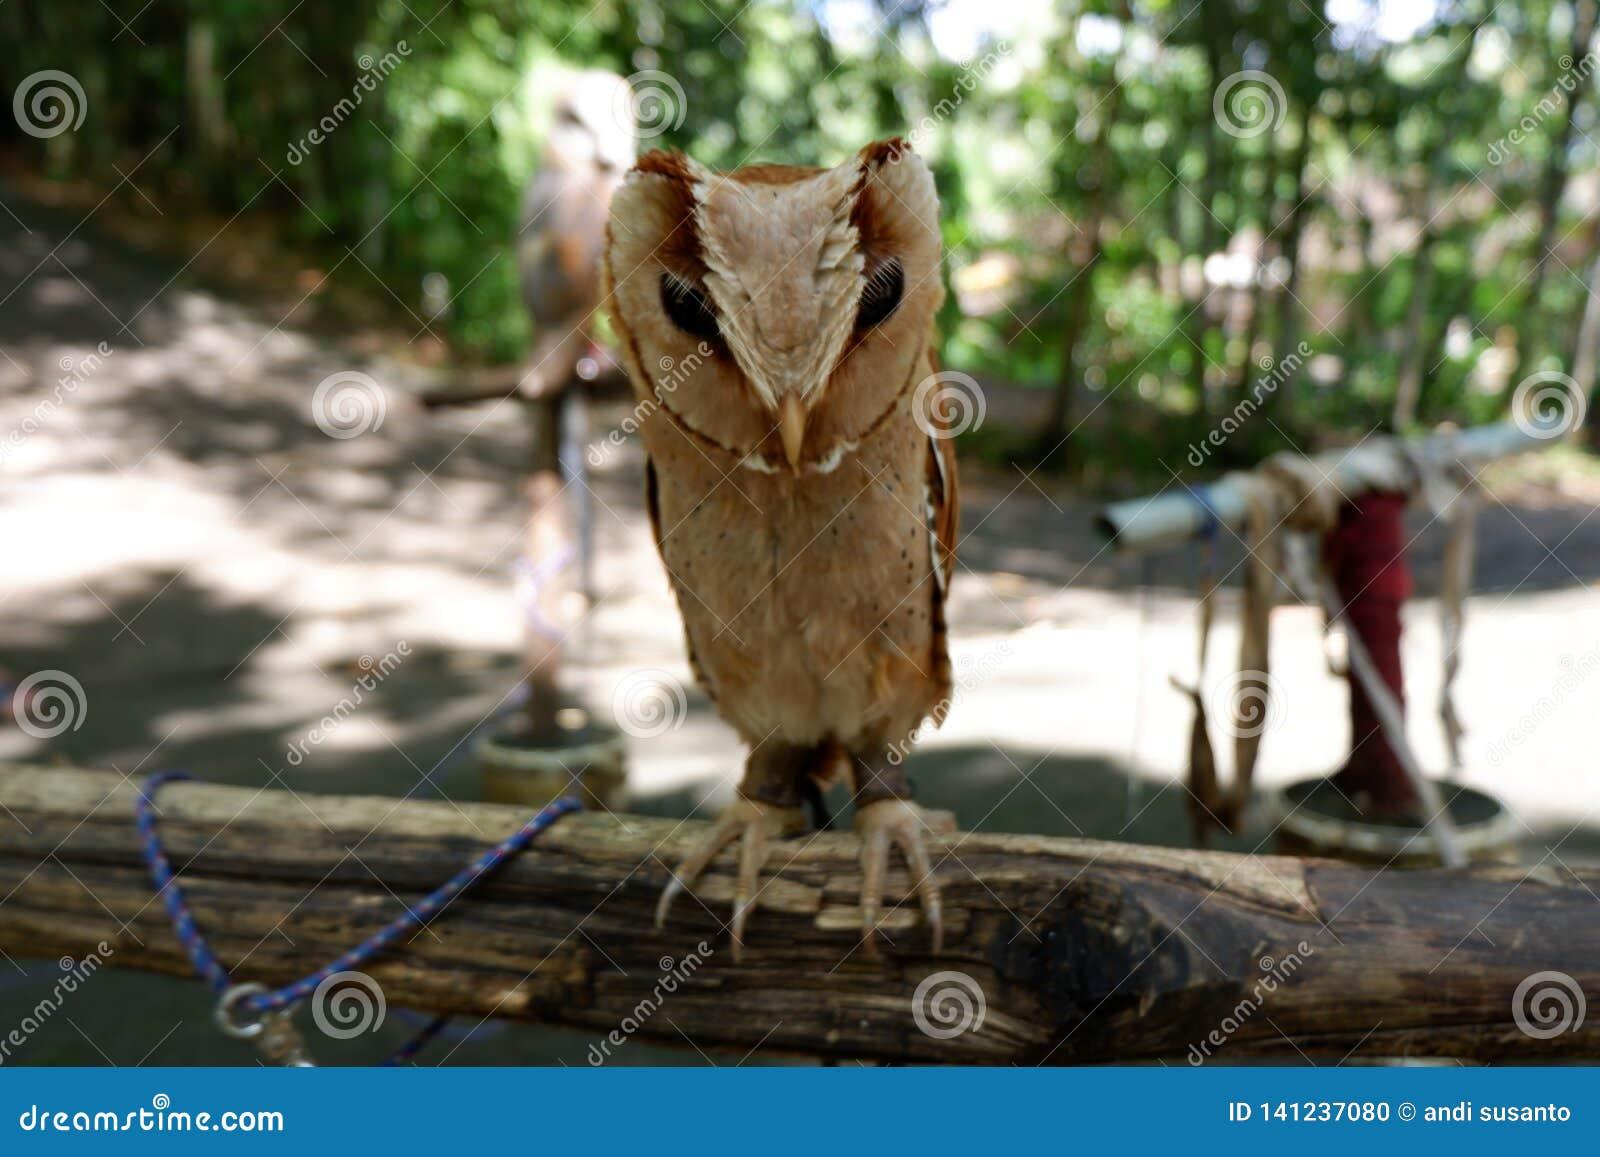 猫头鹰是罕见的与在狂放居住的美丽的眼睛